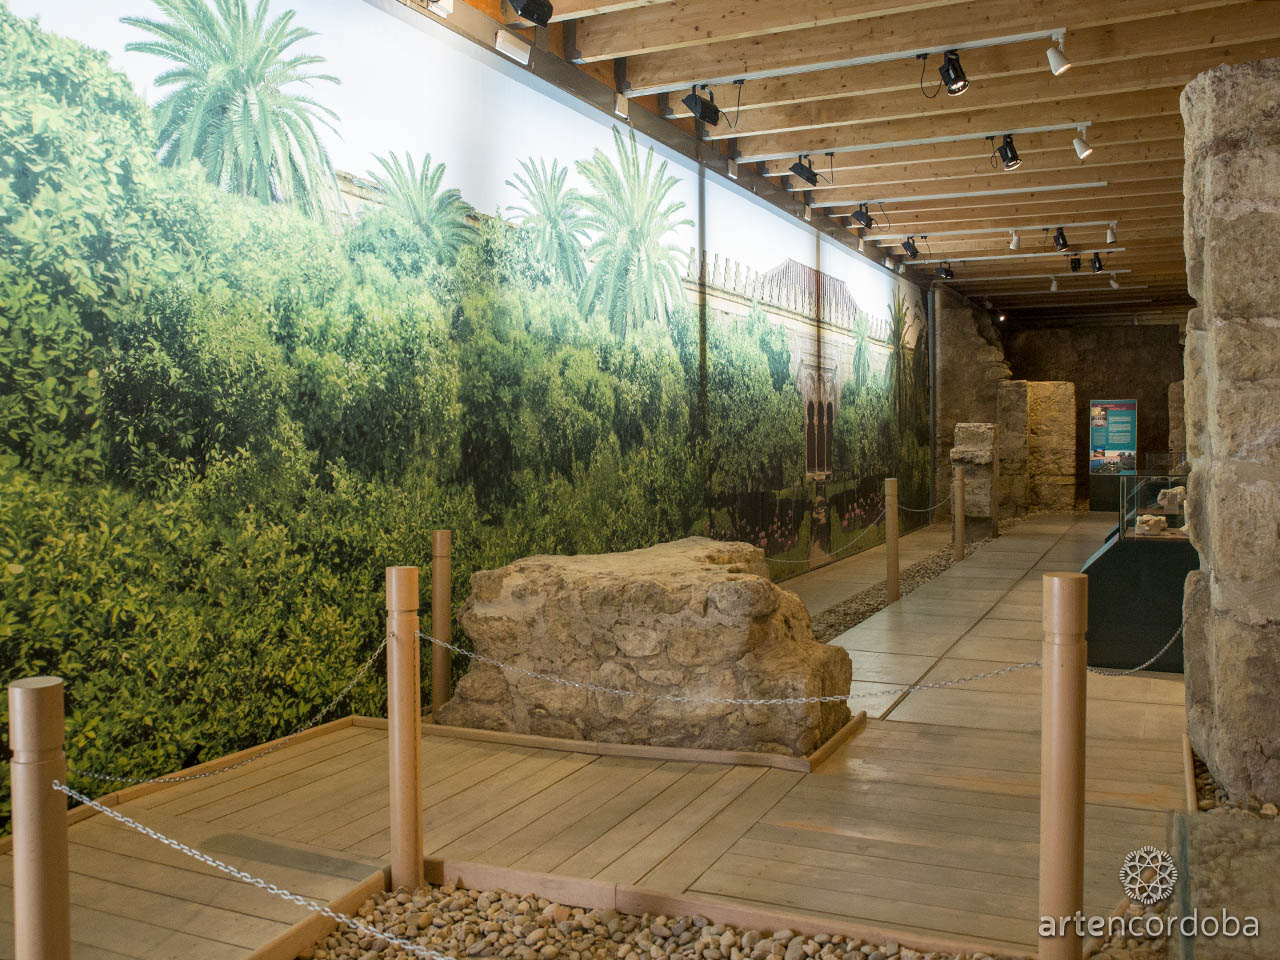 Sala dedicada al 'Jardín Andalusí' en los Baños Árabes del Alcázar Califal (Baños Califales) de Córdoba